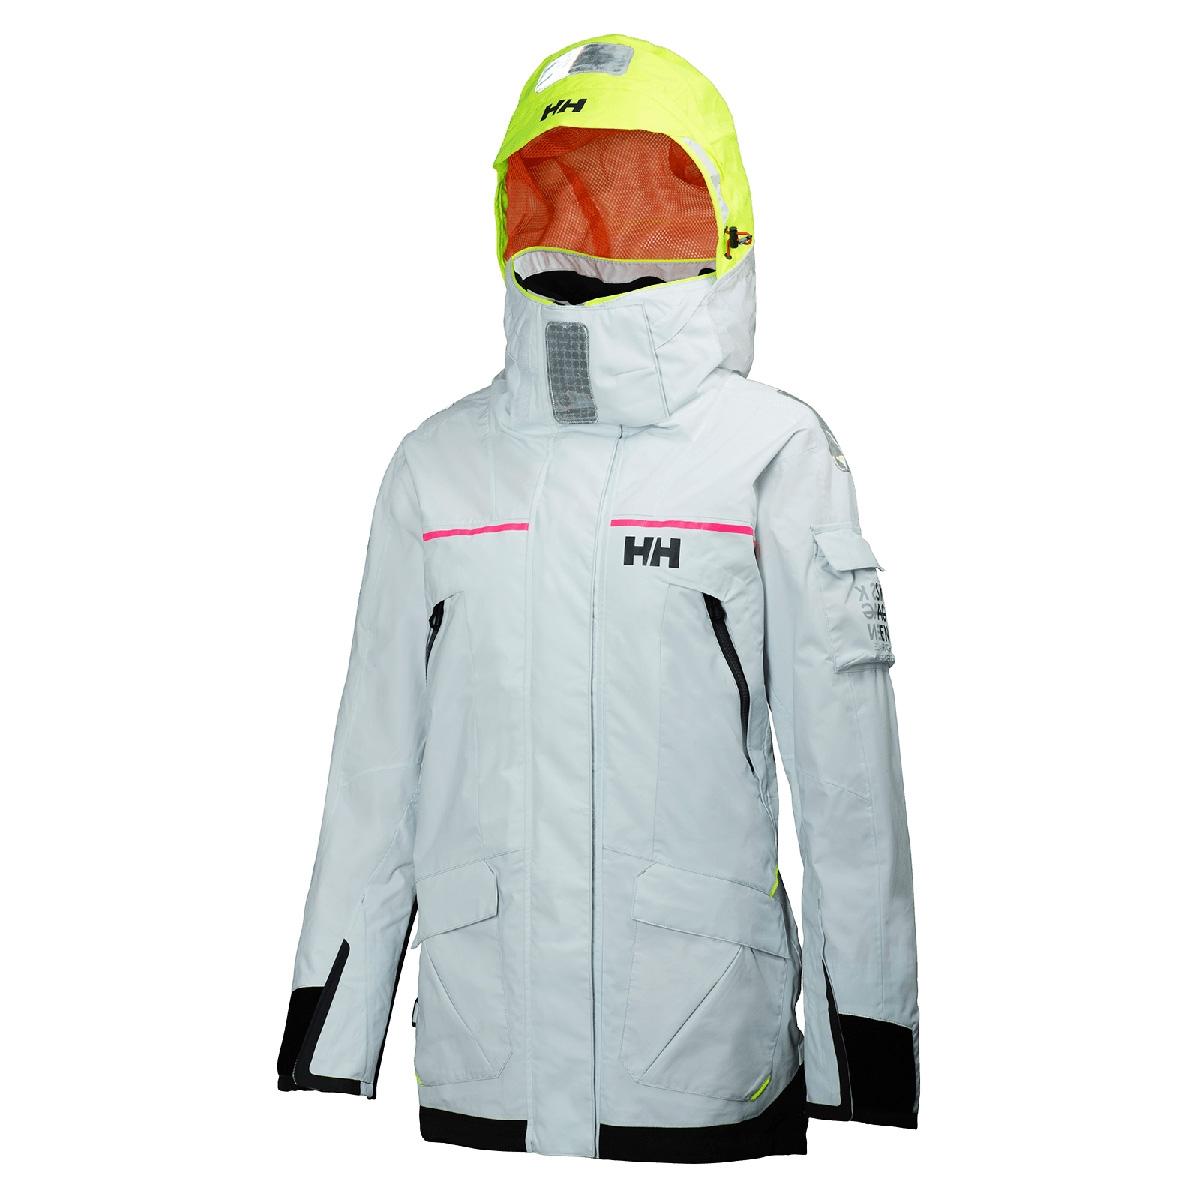 a80a5bf3e0 Helly Hansen Skagen Race Jacket (Women's) - Silver White | Uttings.co.uk